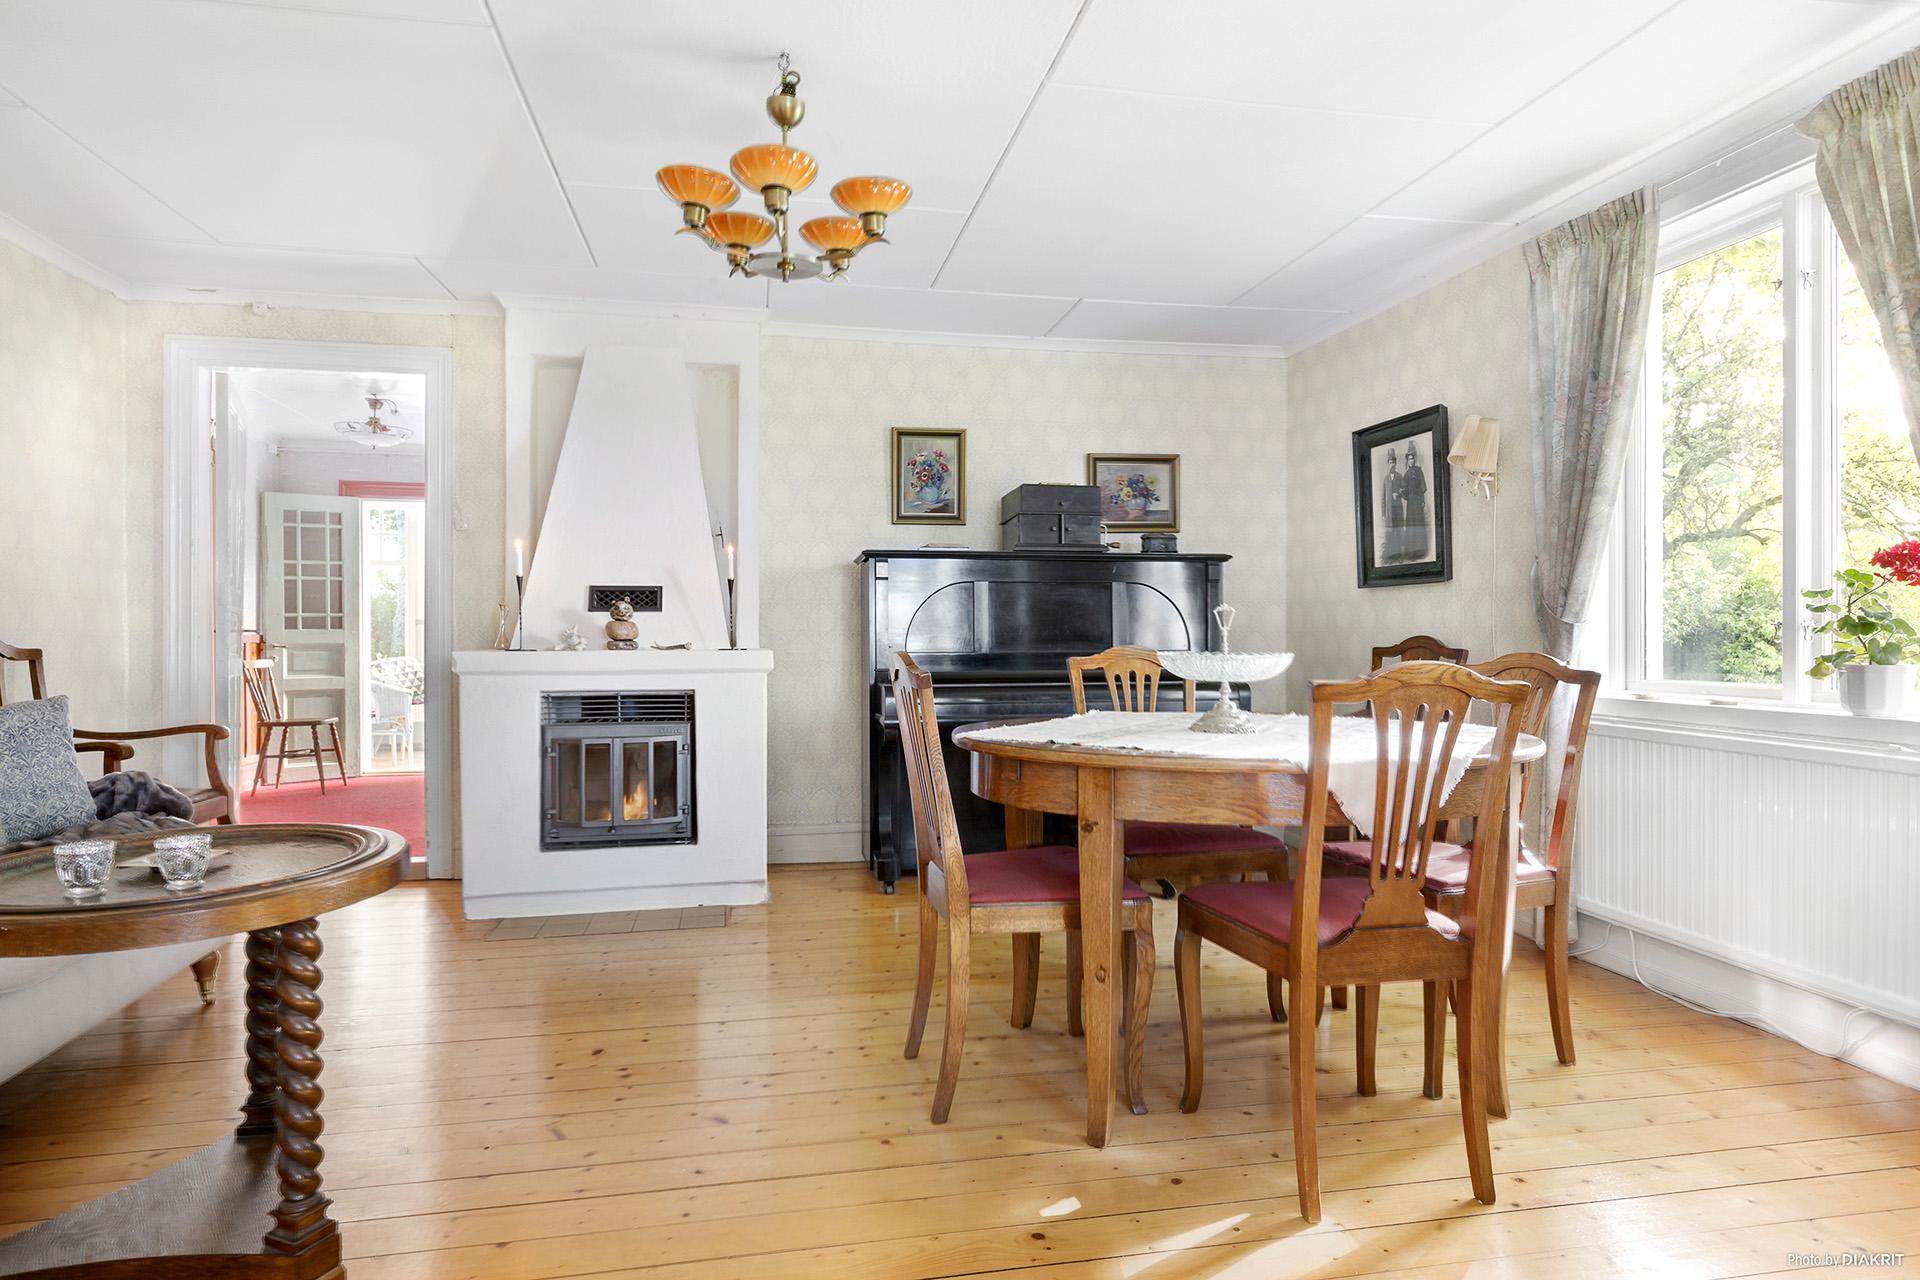 Vardagsrum med brädgolv och insatskamin